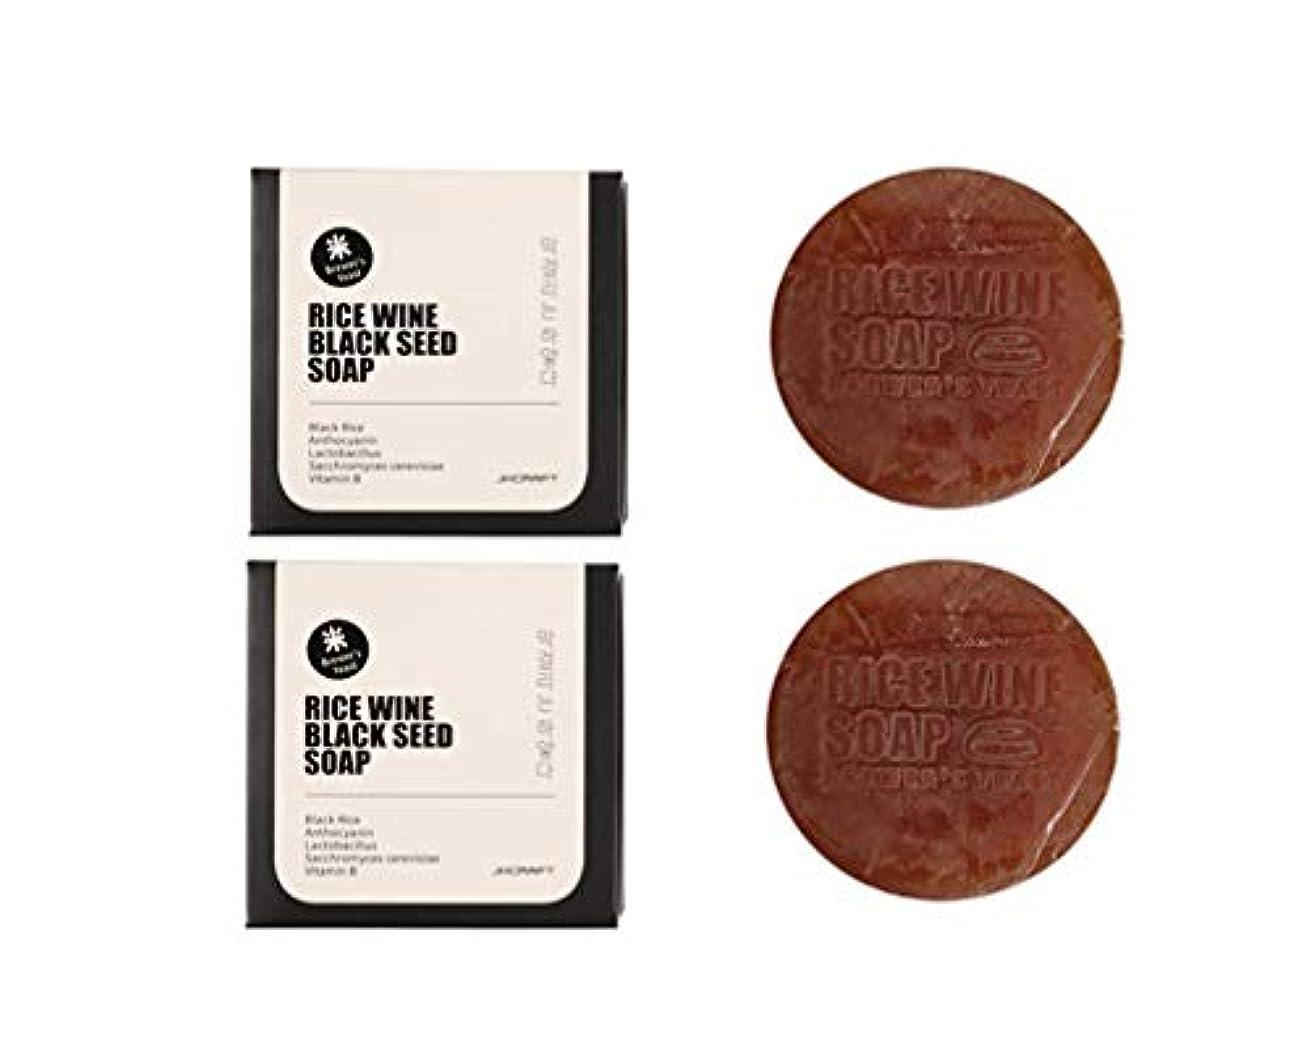 懲らしめ映画レキシコンJKCRAFT RICEWINE BLACK SEED SOAP 黒米マッコリ酵母石鹸,無添加,無刺激,天然洗顔石鹸 2pcs [並行輸入品]